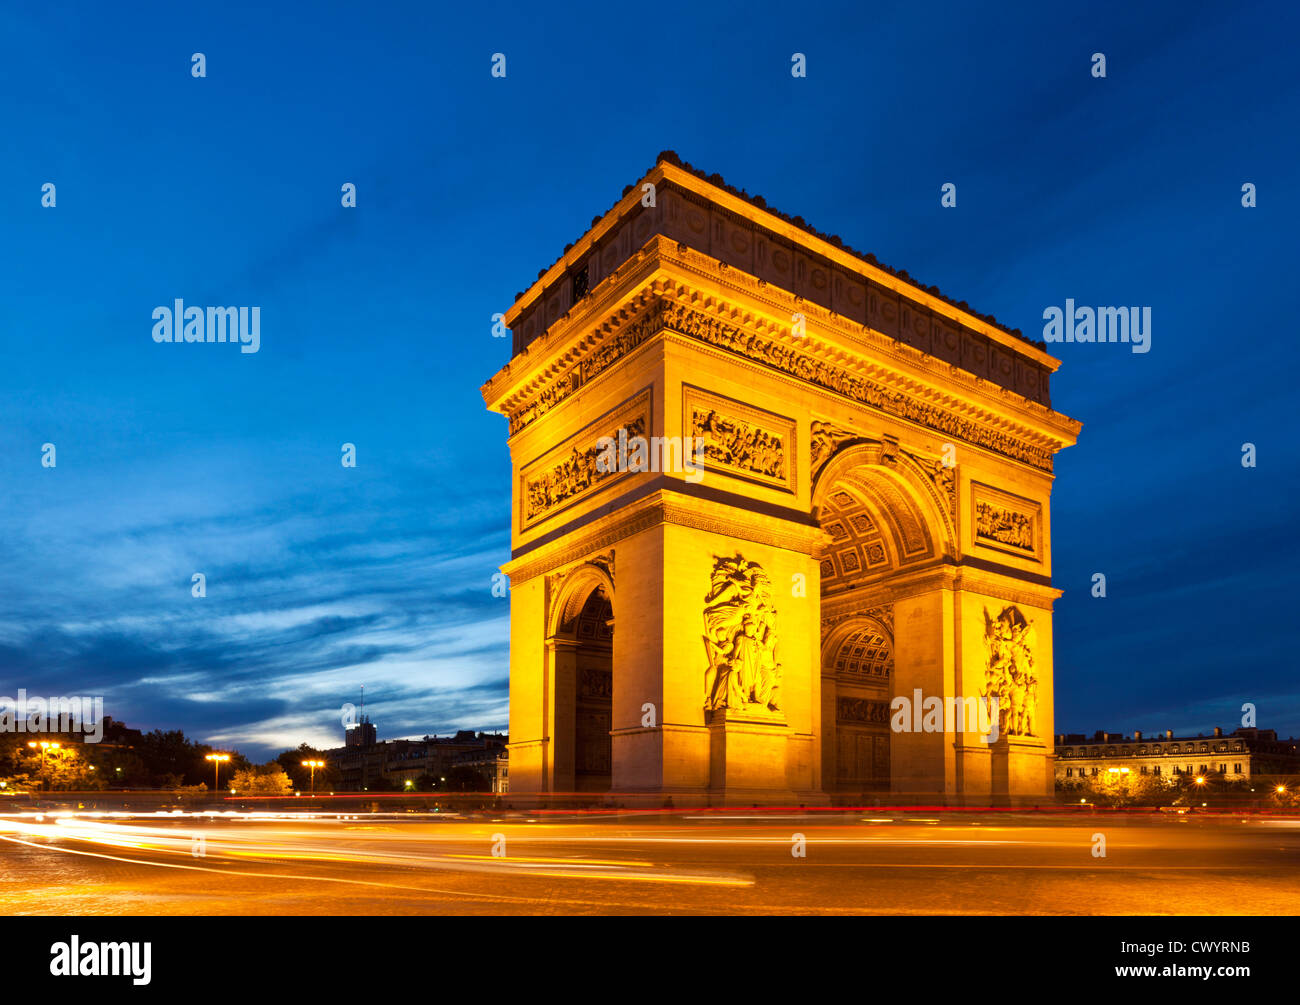 Traffic light trails around Napoleons Arc de Triomphe Place Charles de Gaulle Champs Elysees Paris France EU Europe - Stock Image